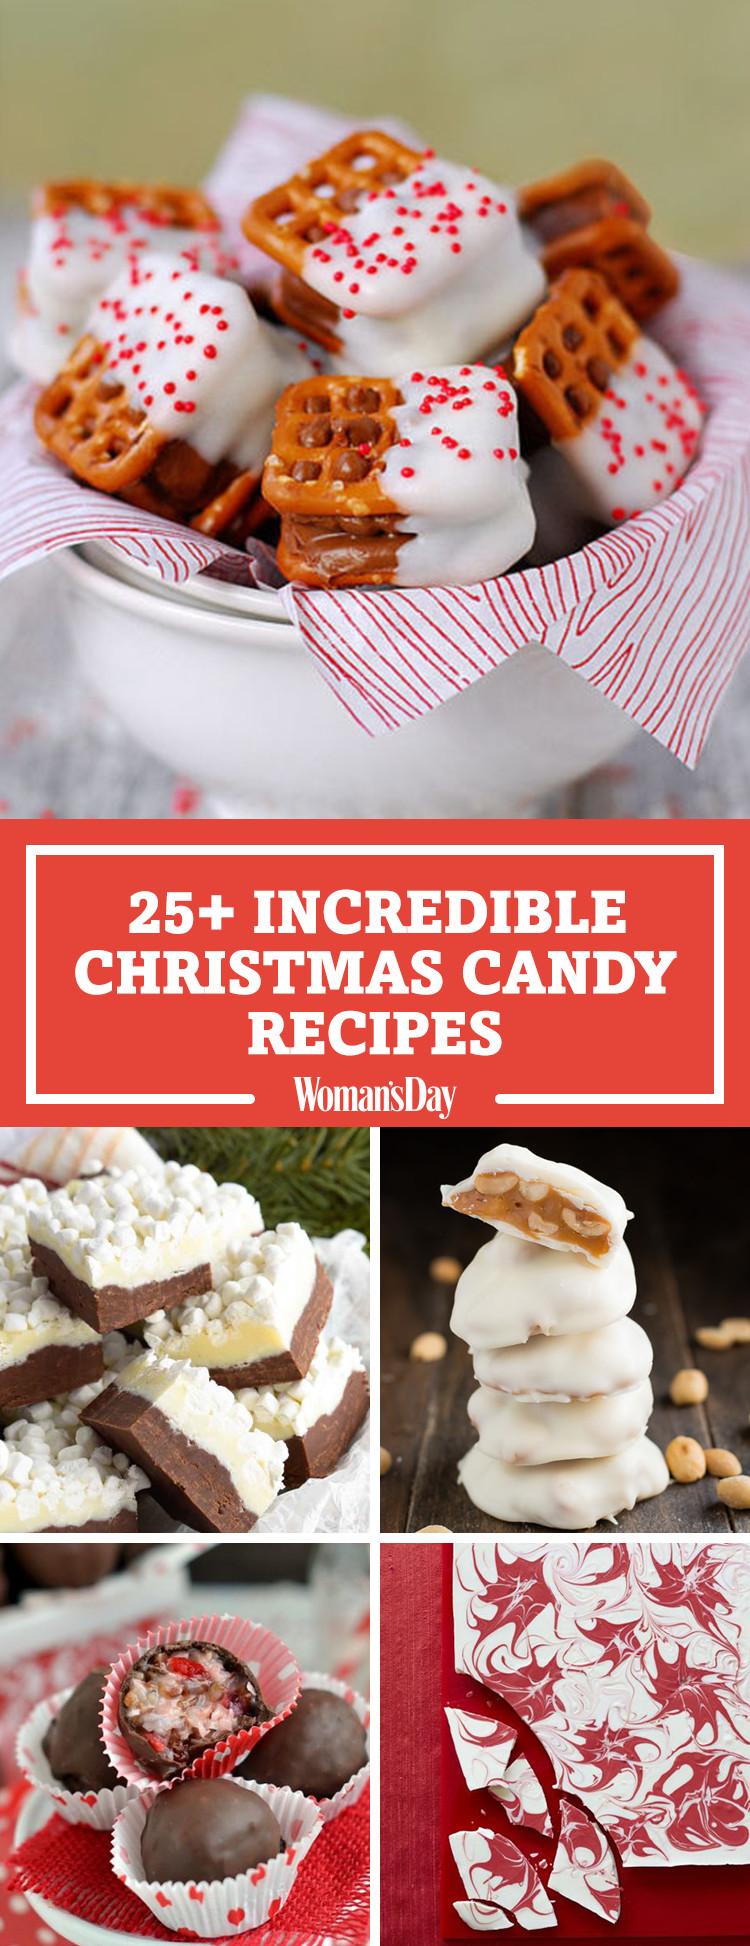 Chocolate Christmas Candy Recipes  28 Homemade Christmas Candy Recipes How To Make Your Own